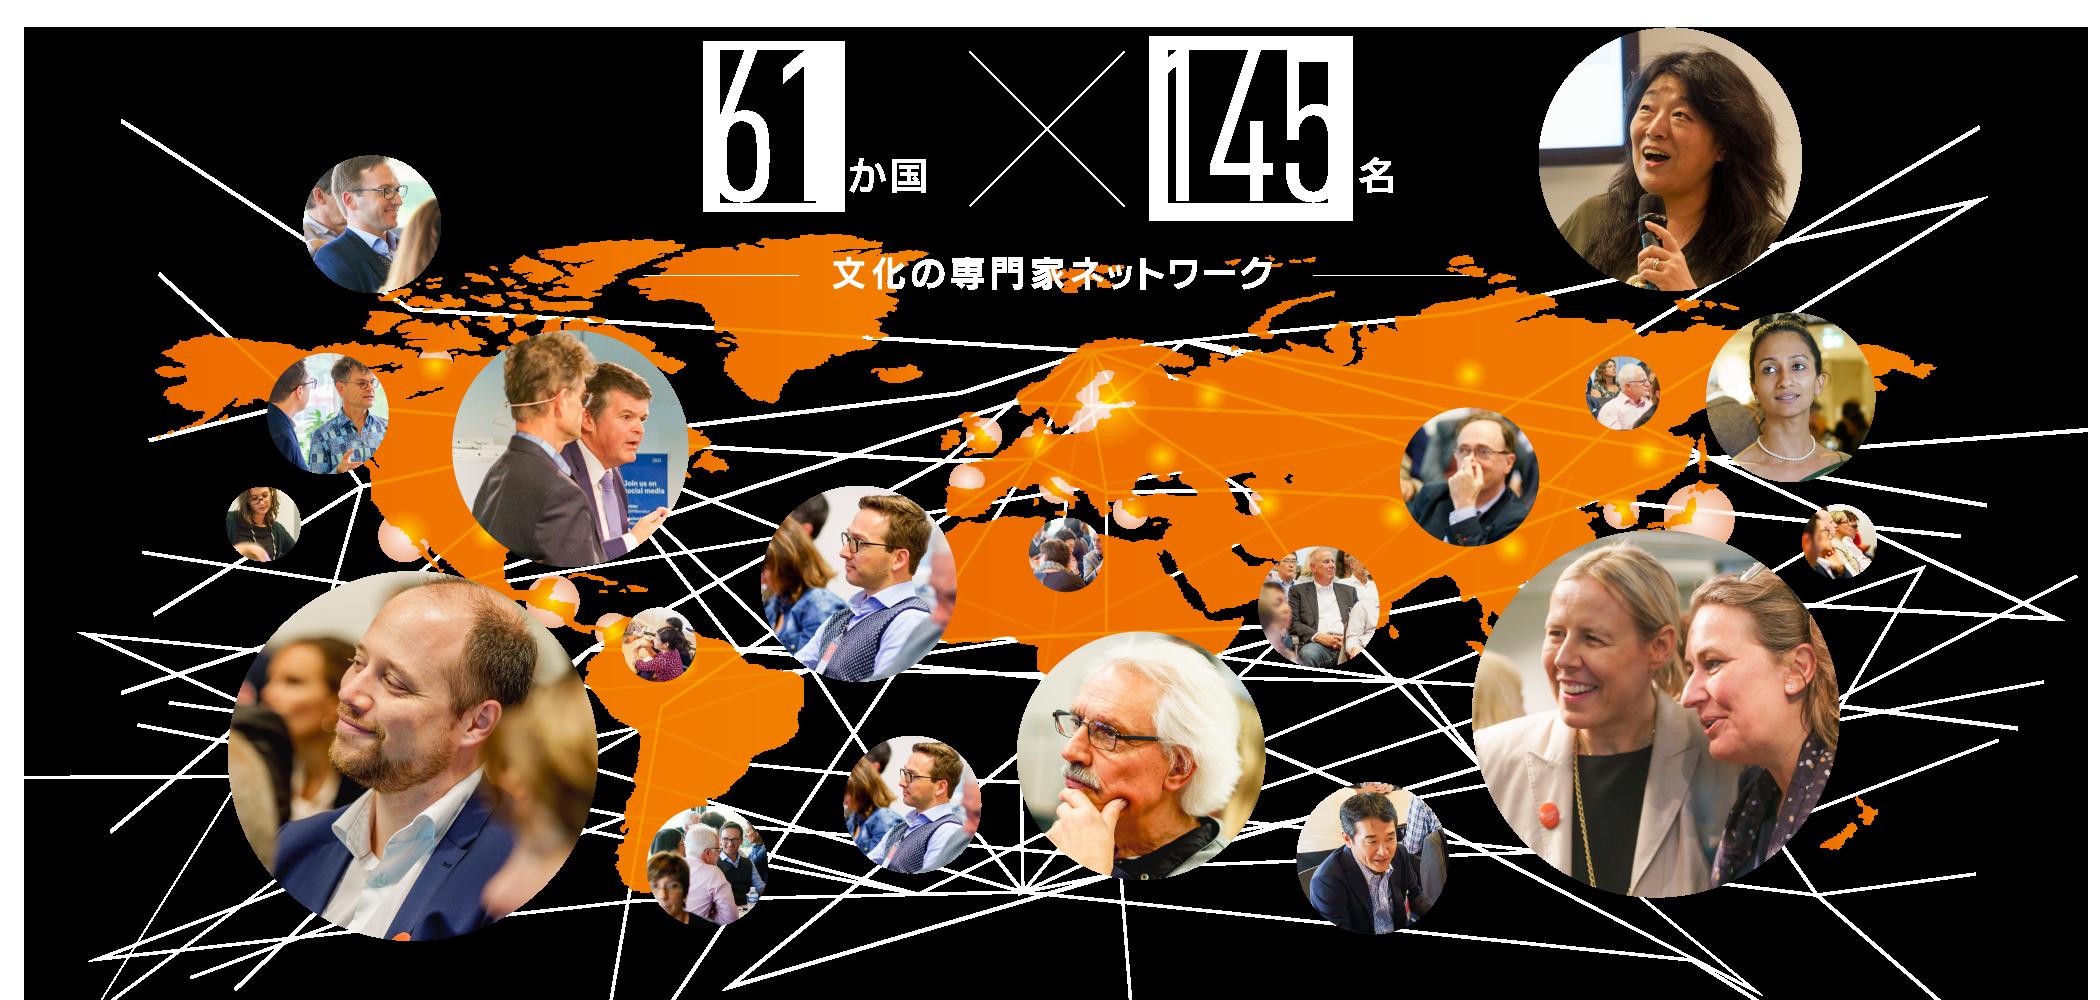 40か国×100名 文化の専門家ネットワーク